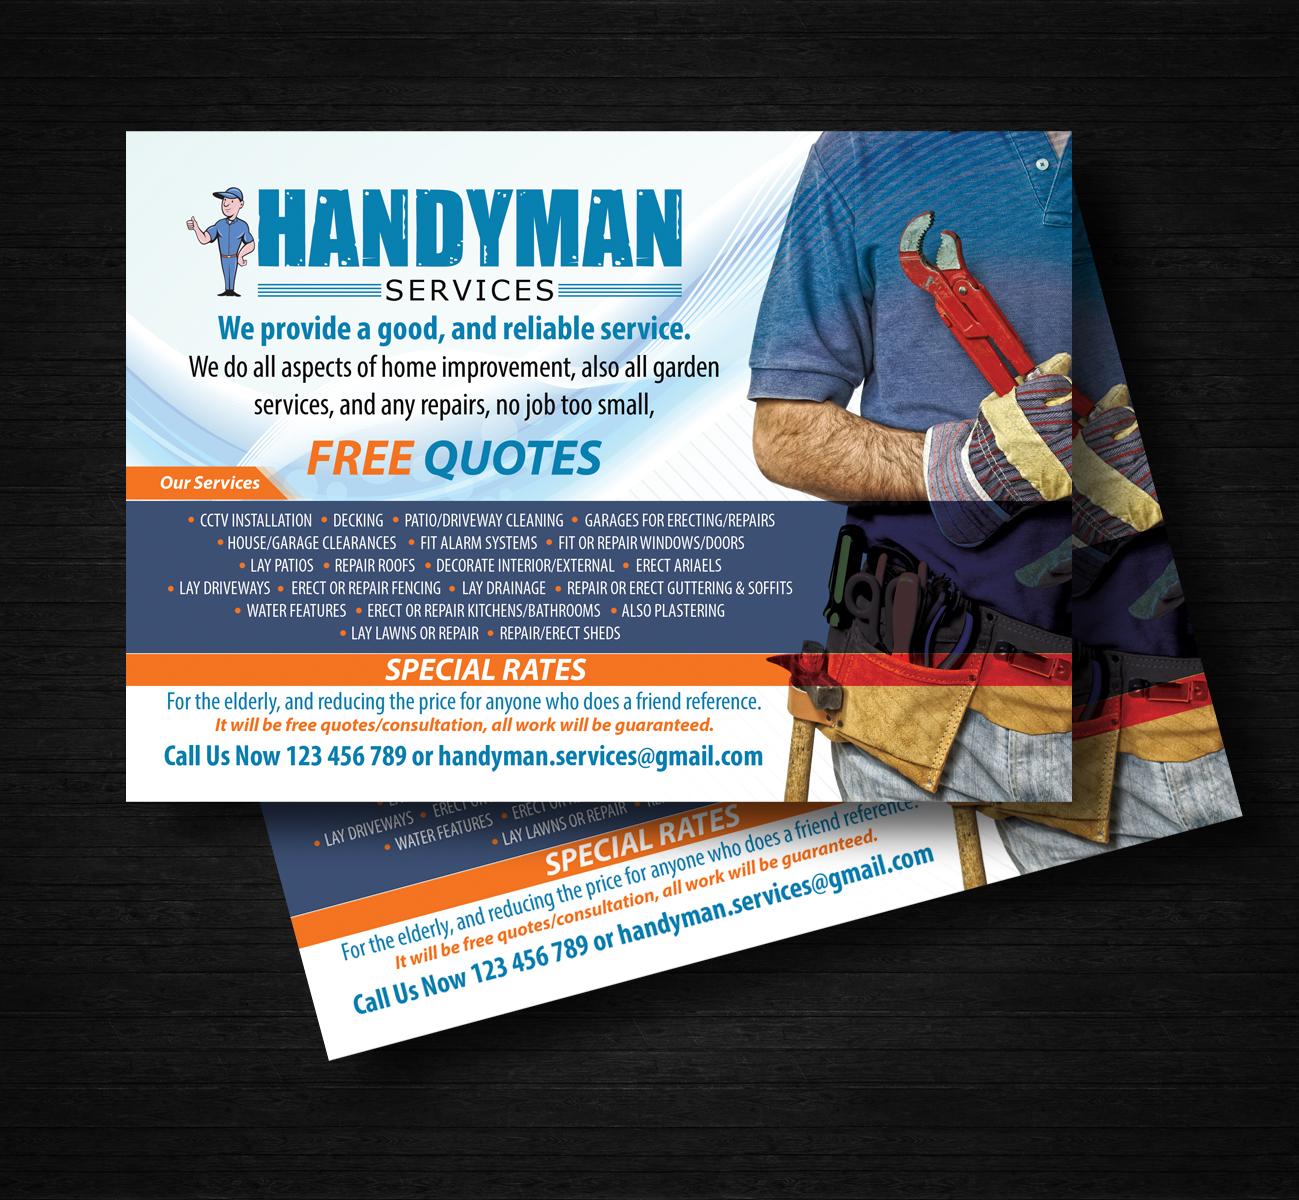 Poster design jobs uk - Flyer Design By Uk For Handyman Services Design 5863135